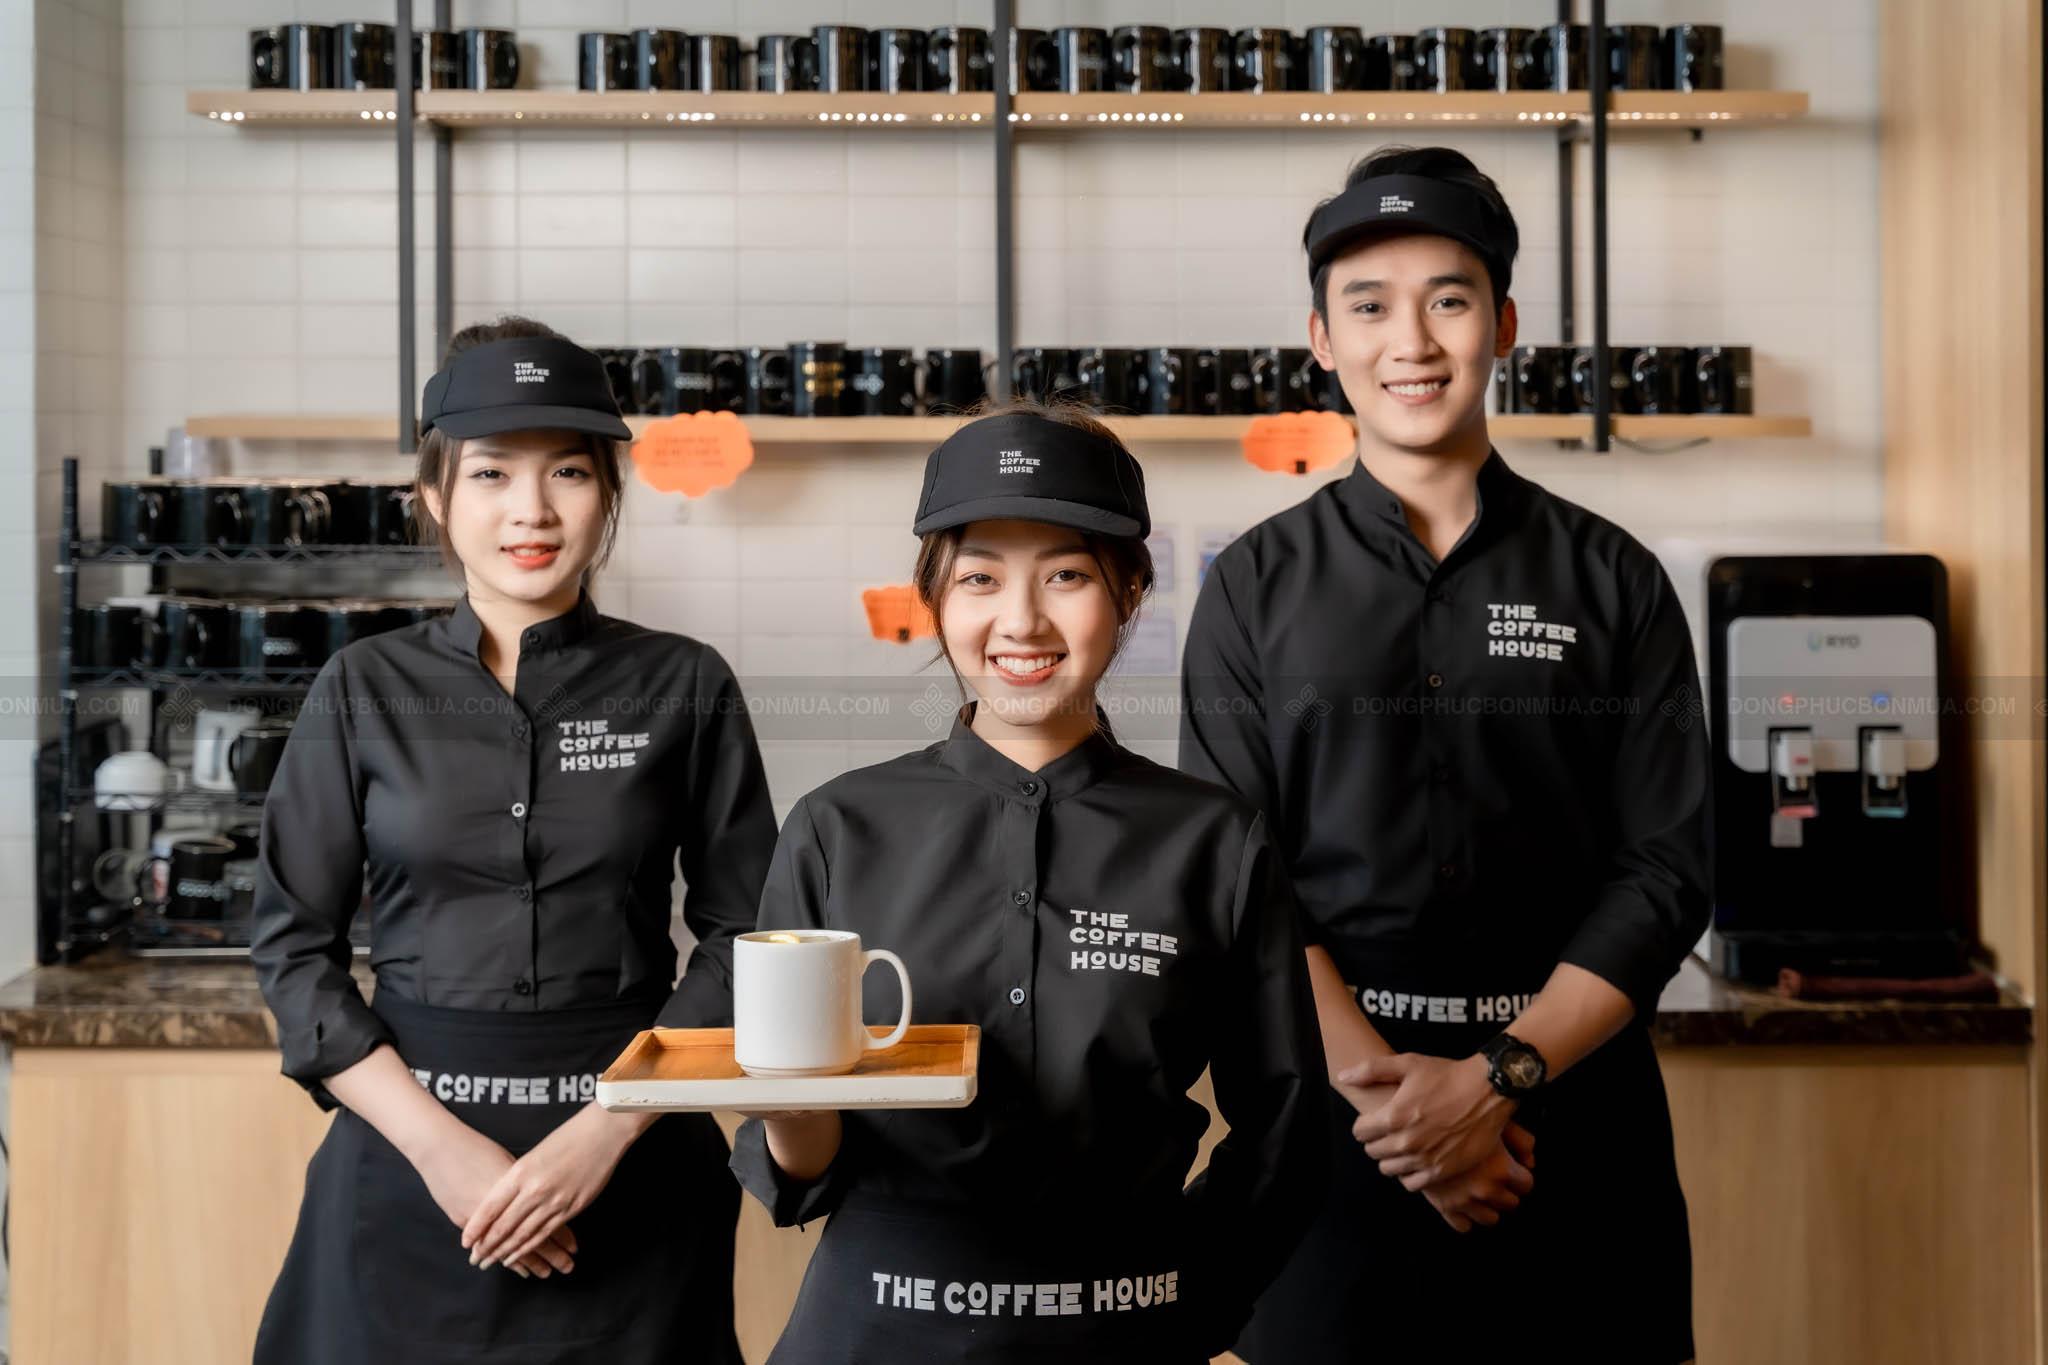 ao dong phuc cafe